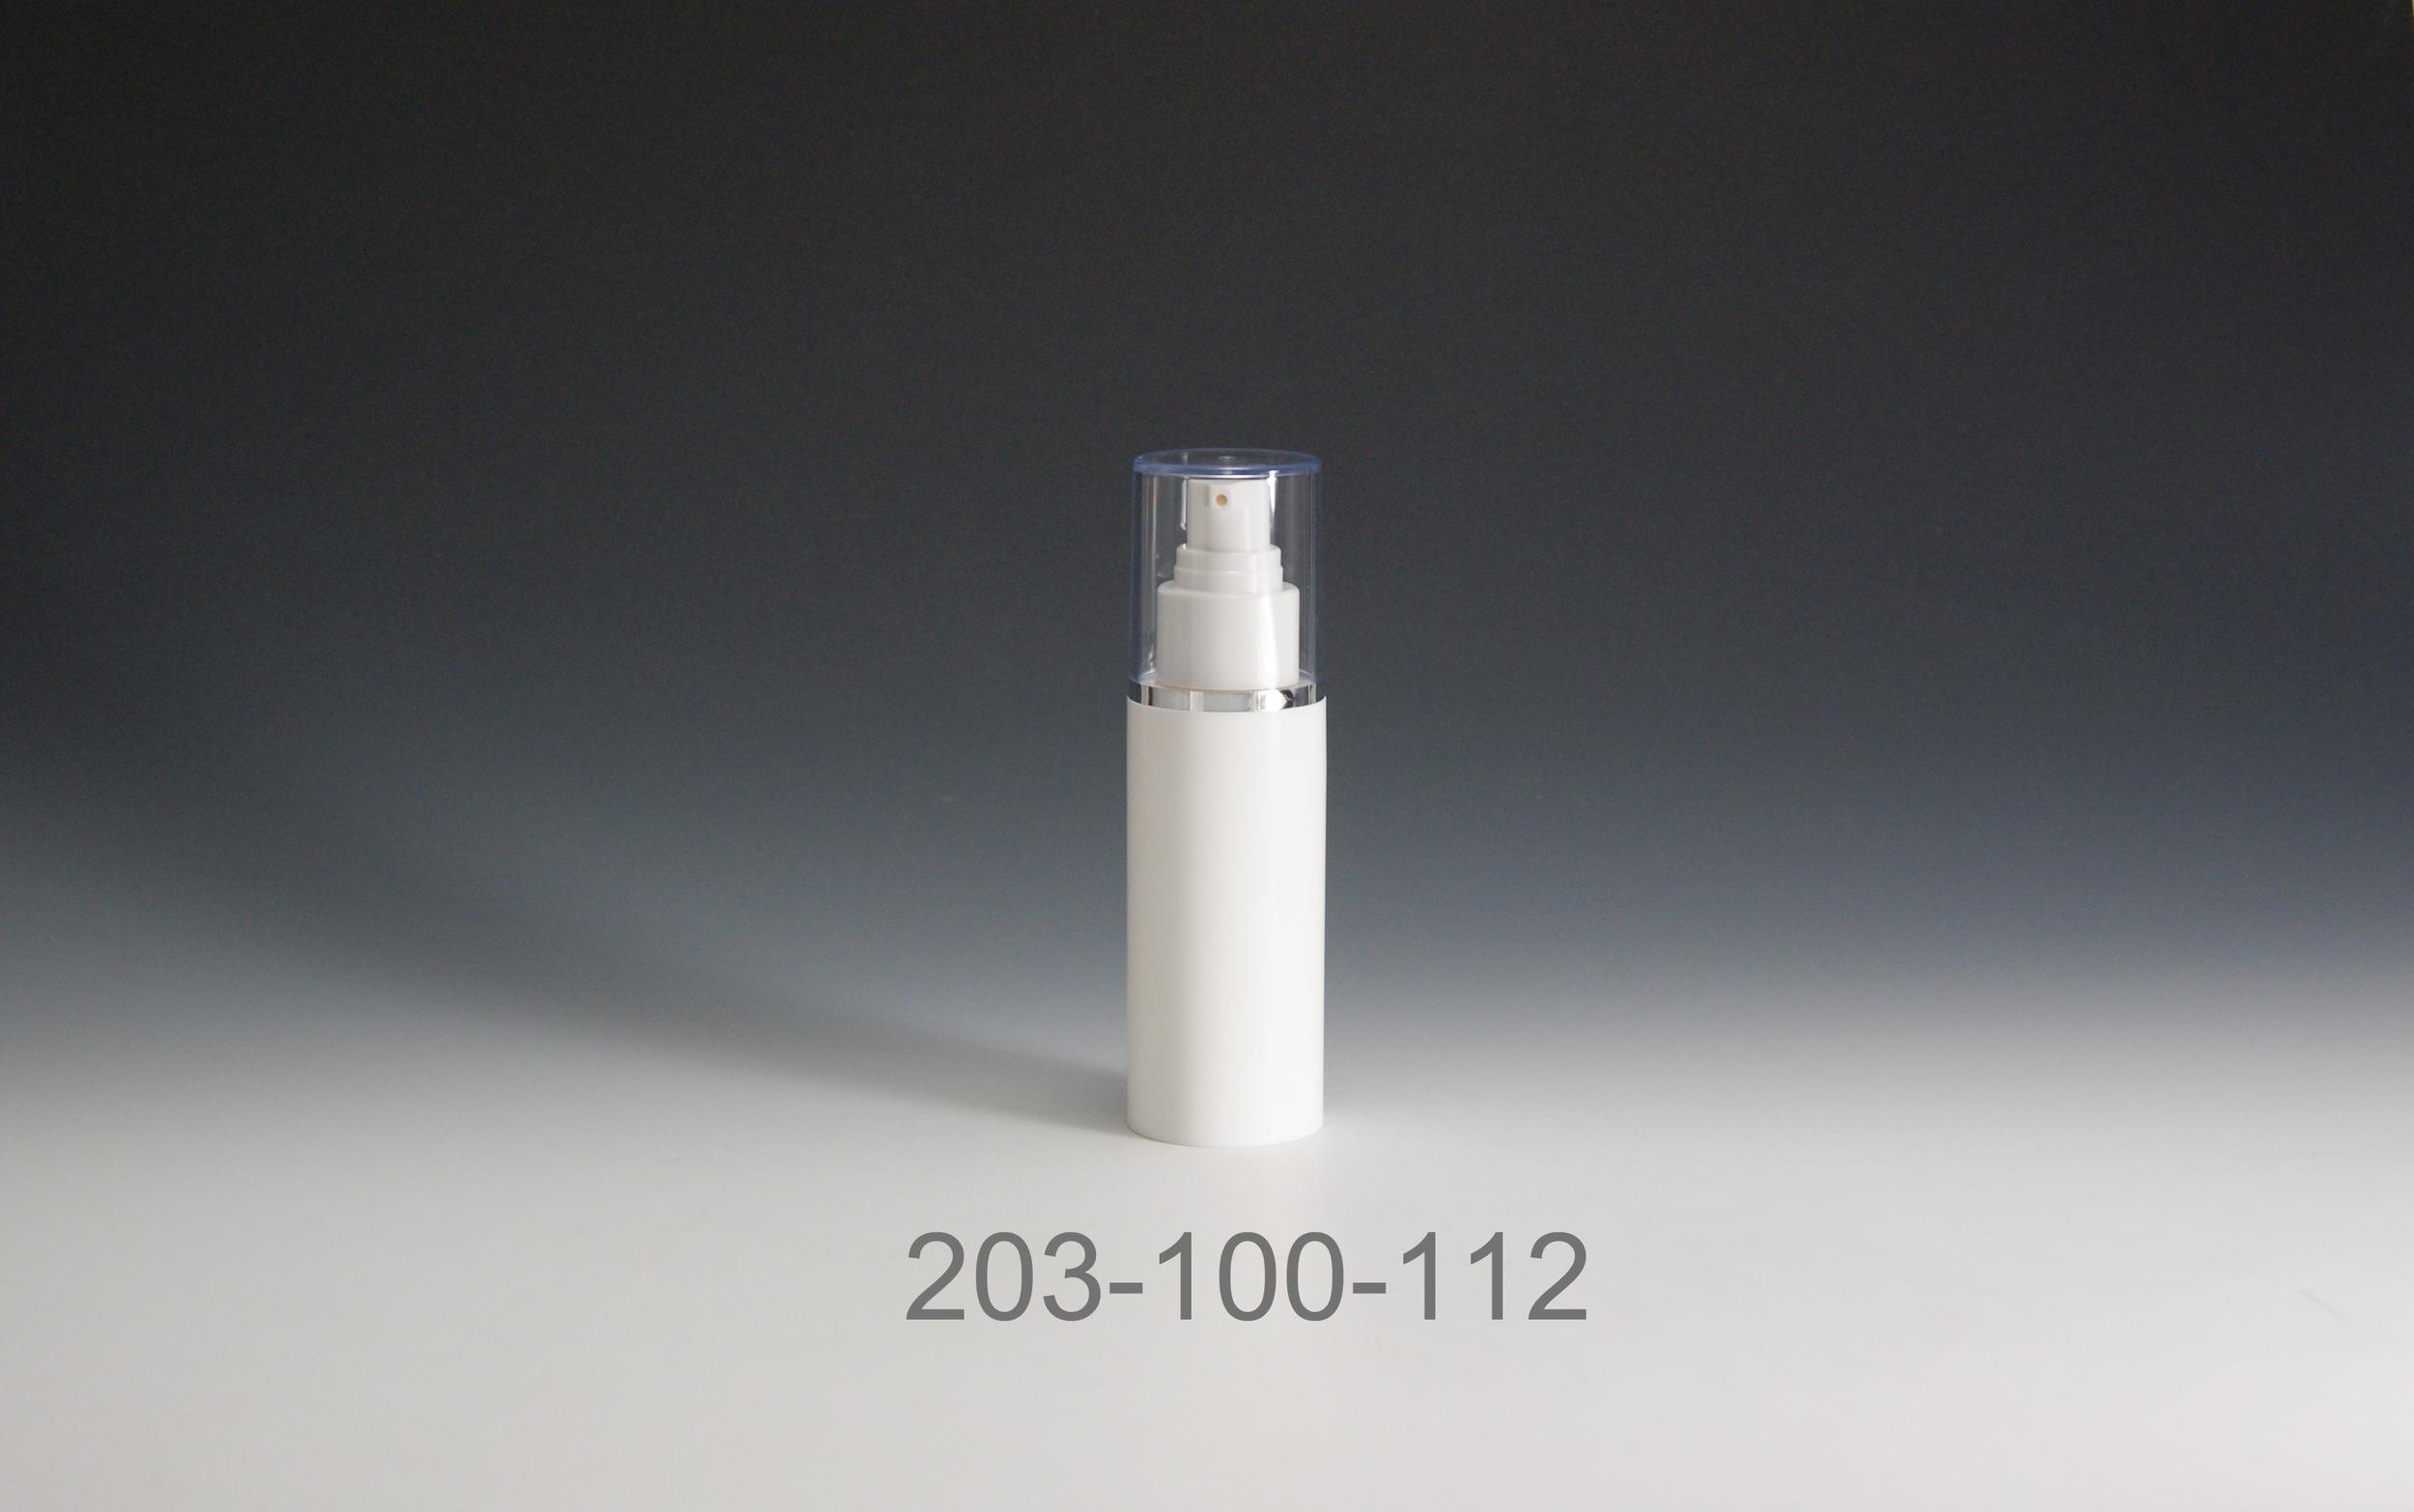 203-100-112.jpg